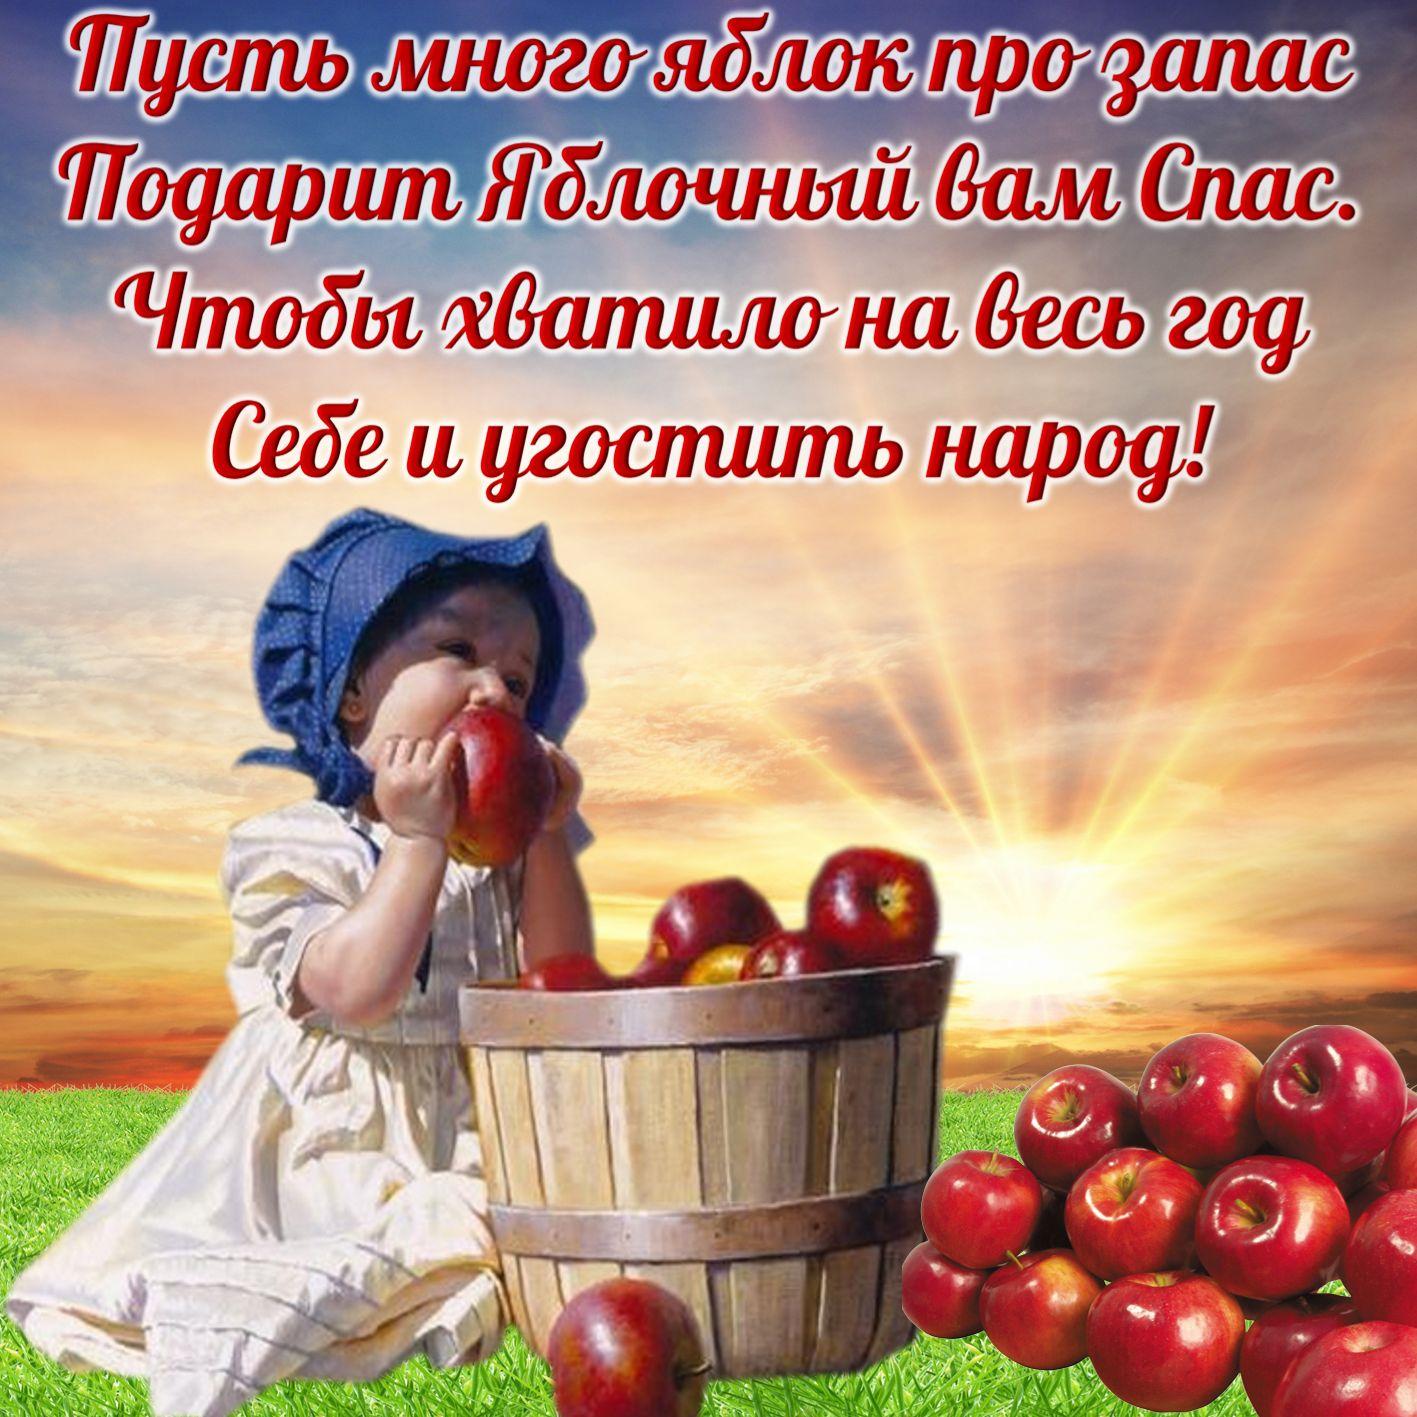 Открытка на Яблочный Спас - маленькая девочка с яблочками